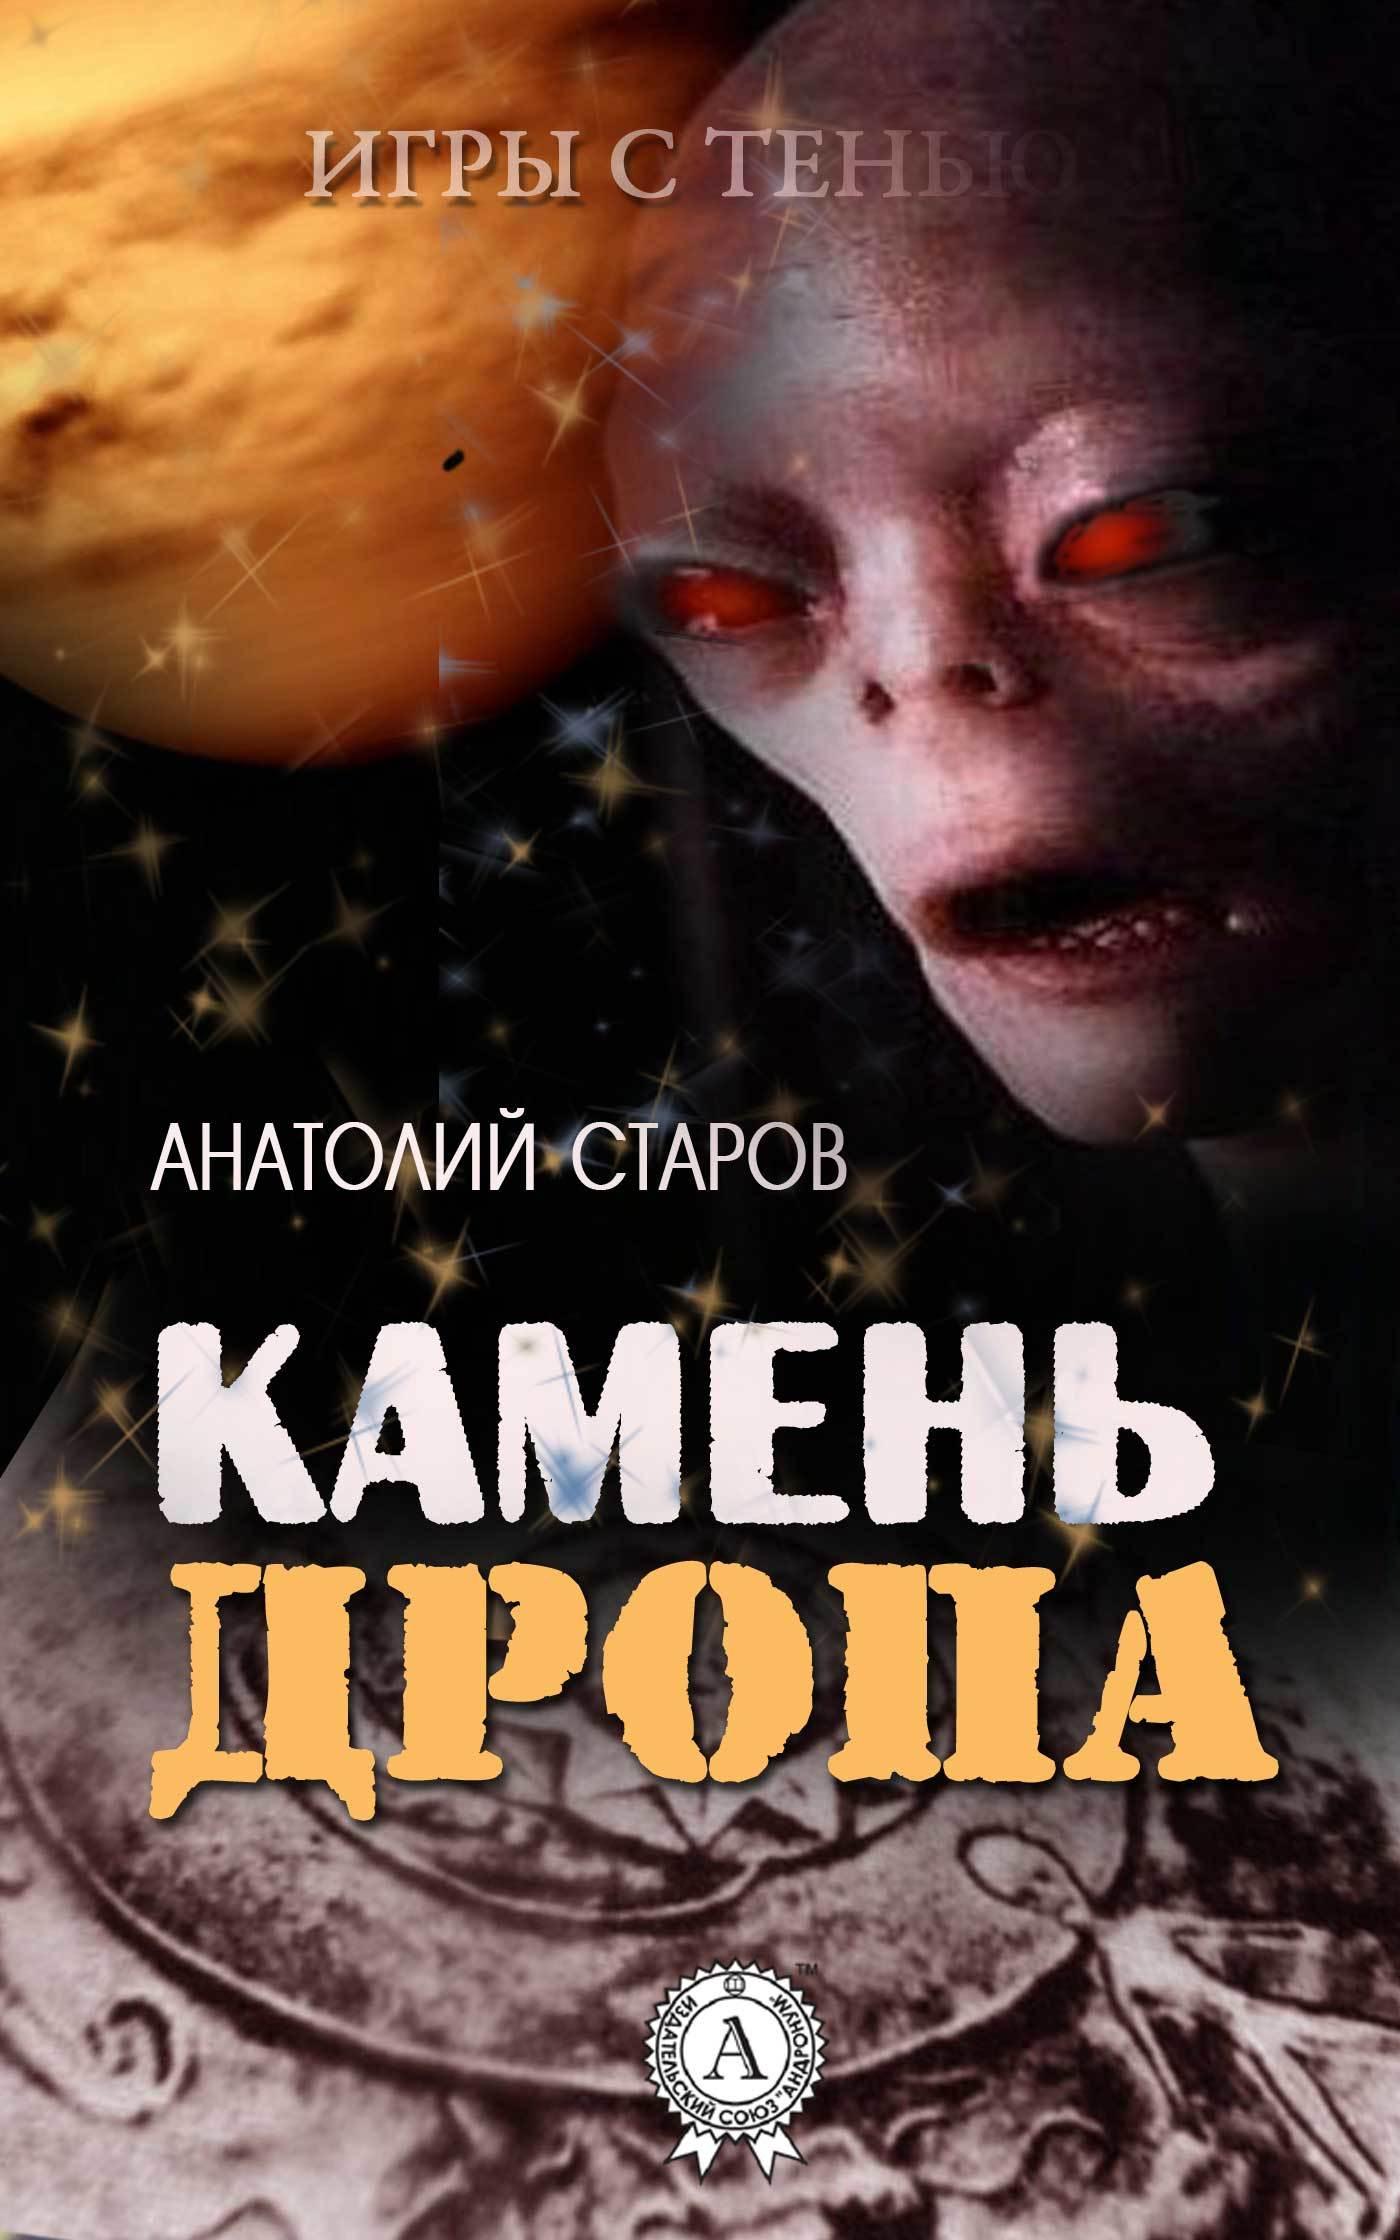 Анатолий Старов - Камень Дропа